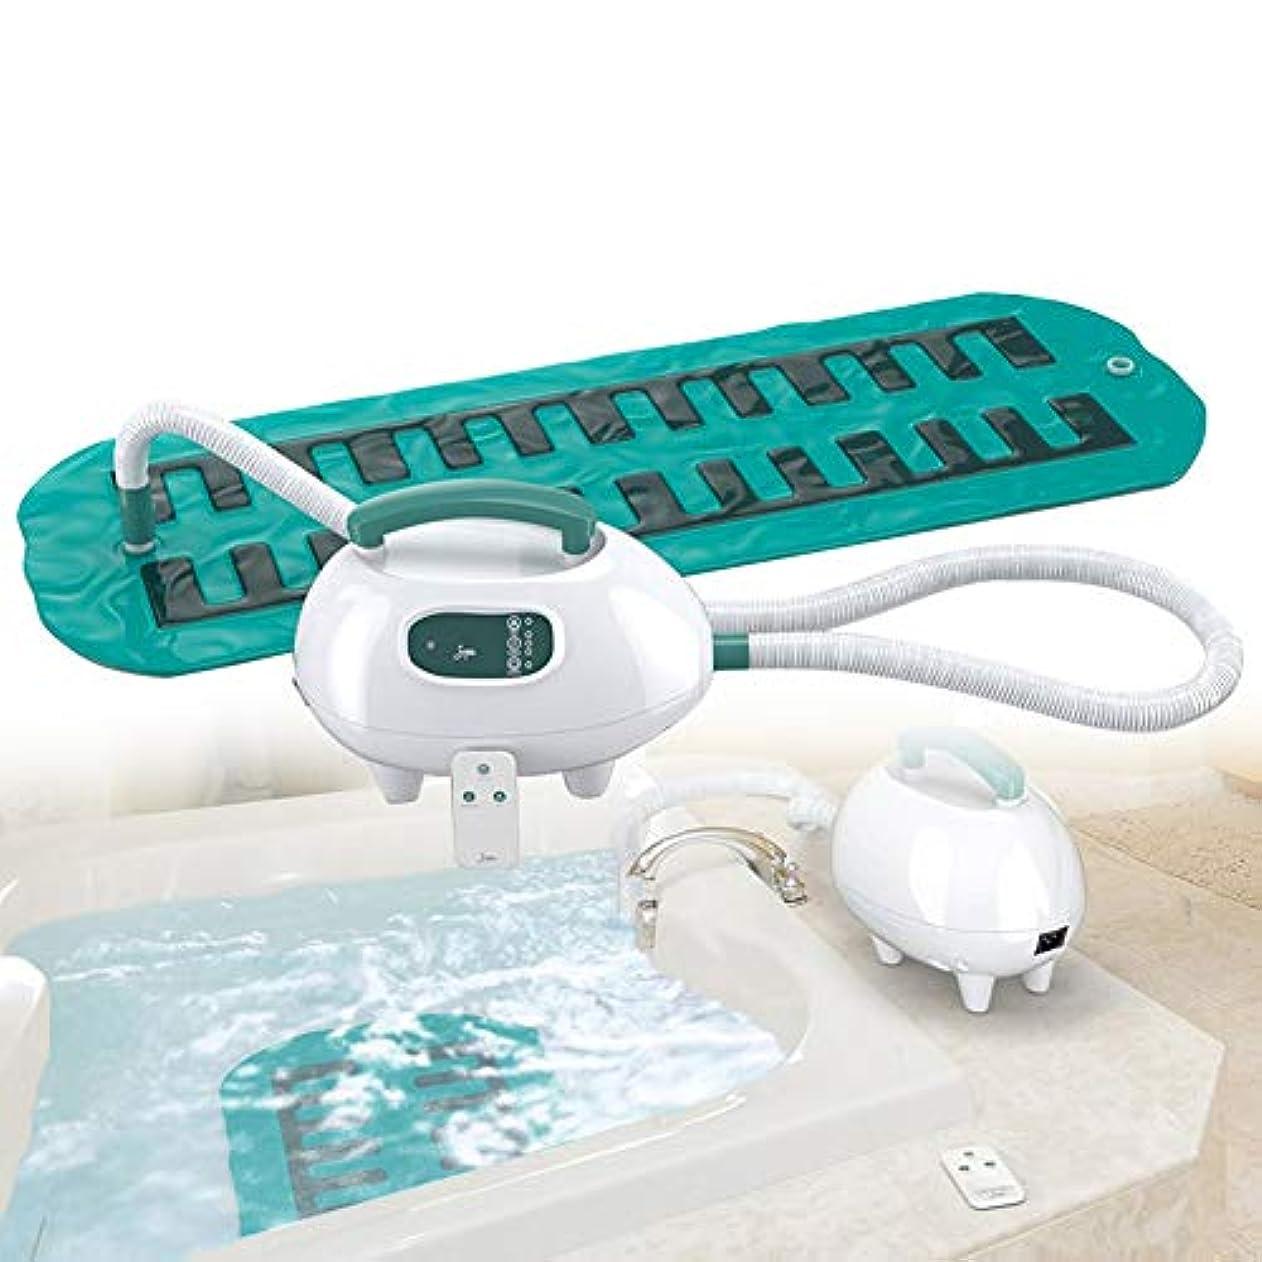 ミス登る知り合いになる贅沢 スパ バブル 浴 浴槽 マッサージ師、 ポータブル スパ 空気 浴槽 防水 滑り止め マット にとって くつろぐ マッサージ 体 と 熱 強力な 3 速度 リモコン & サクションカップ 底